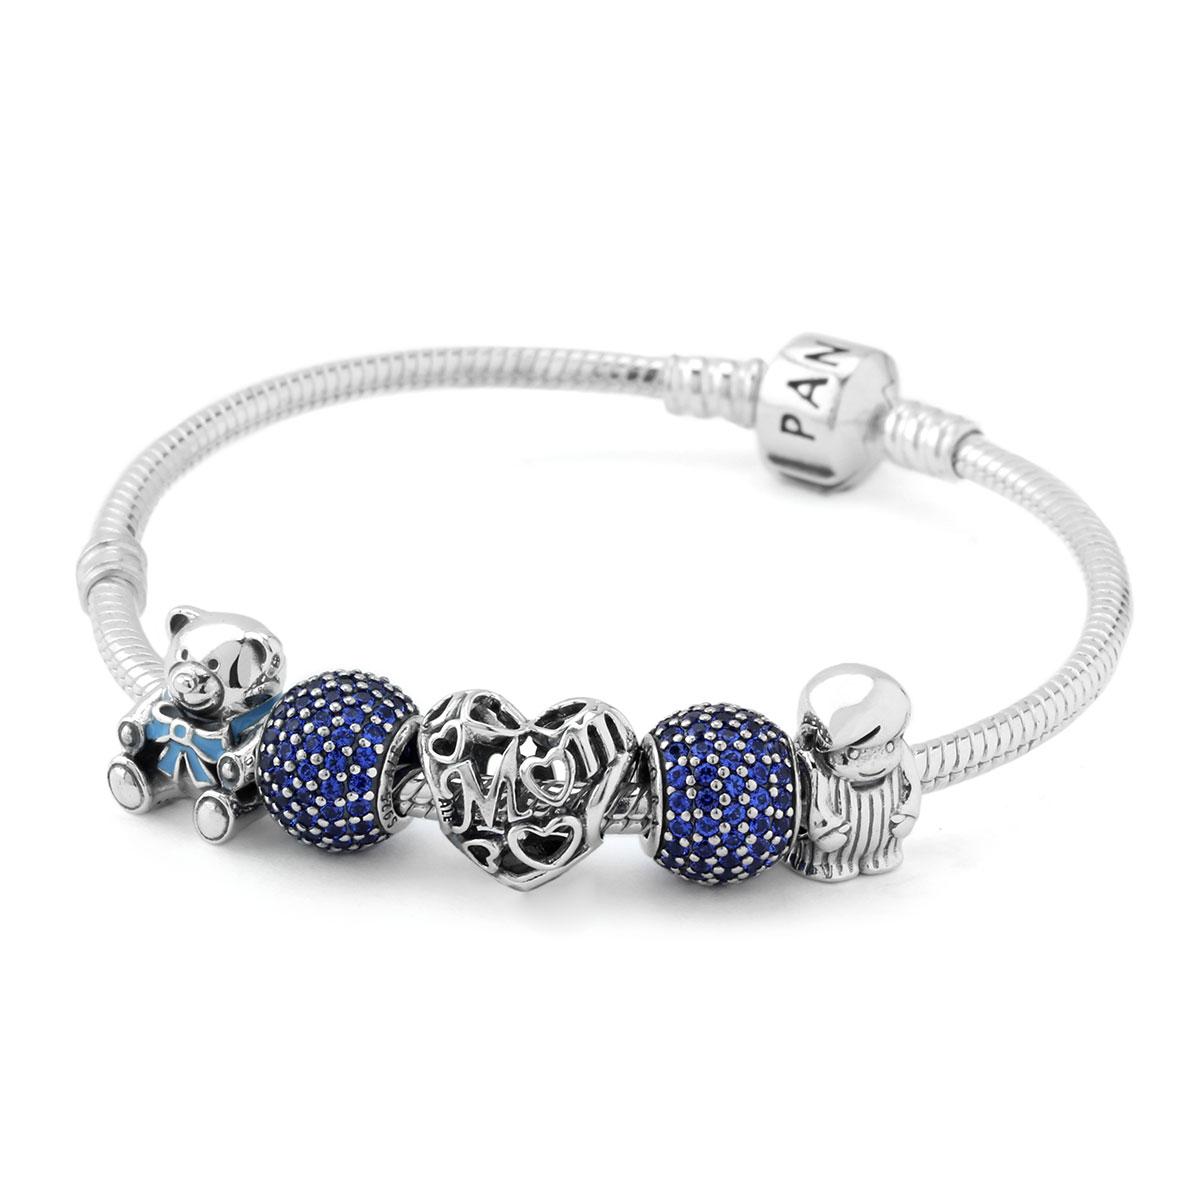 Pandora Charm Jewelry